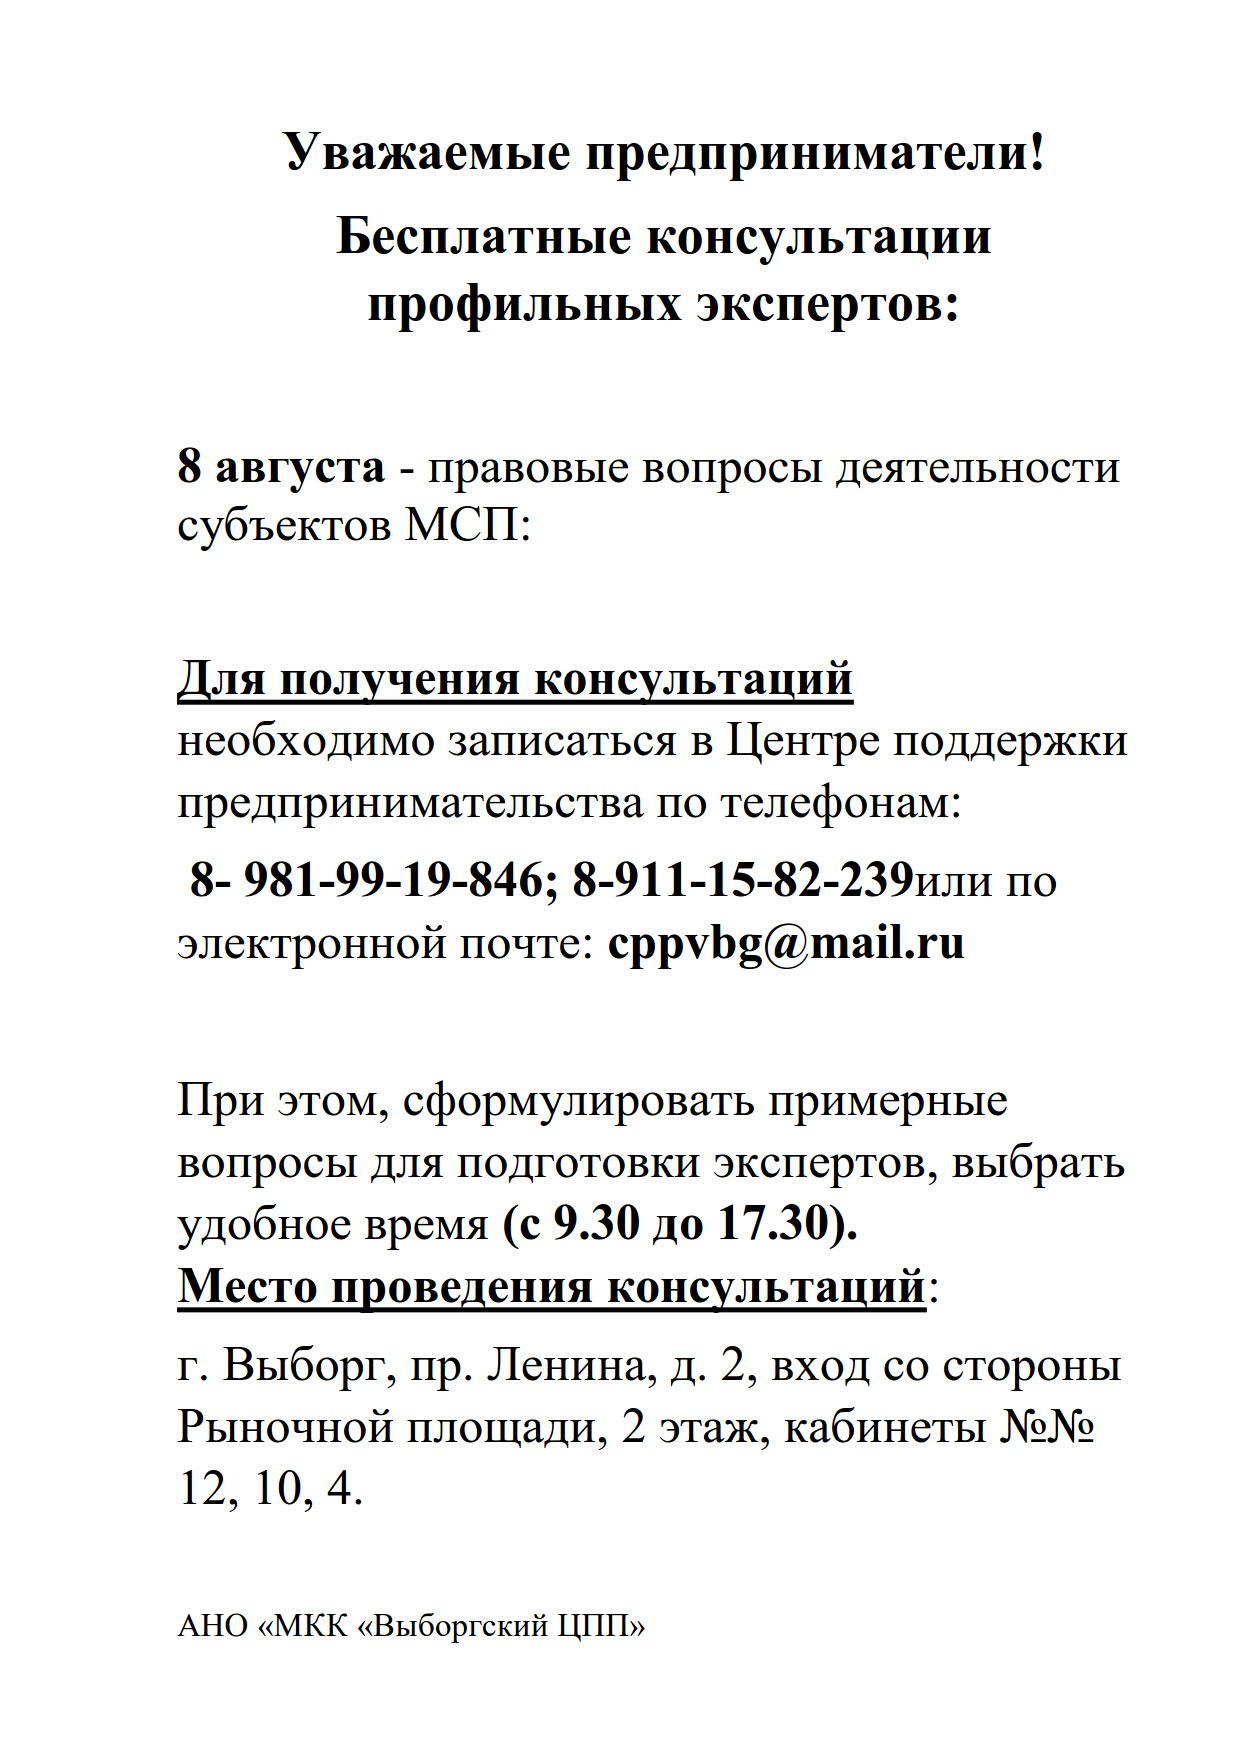 Объявл. - юрист-08.08.2018_1